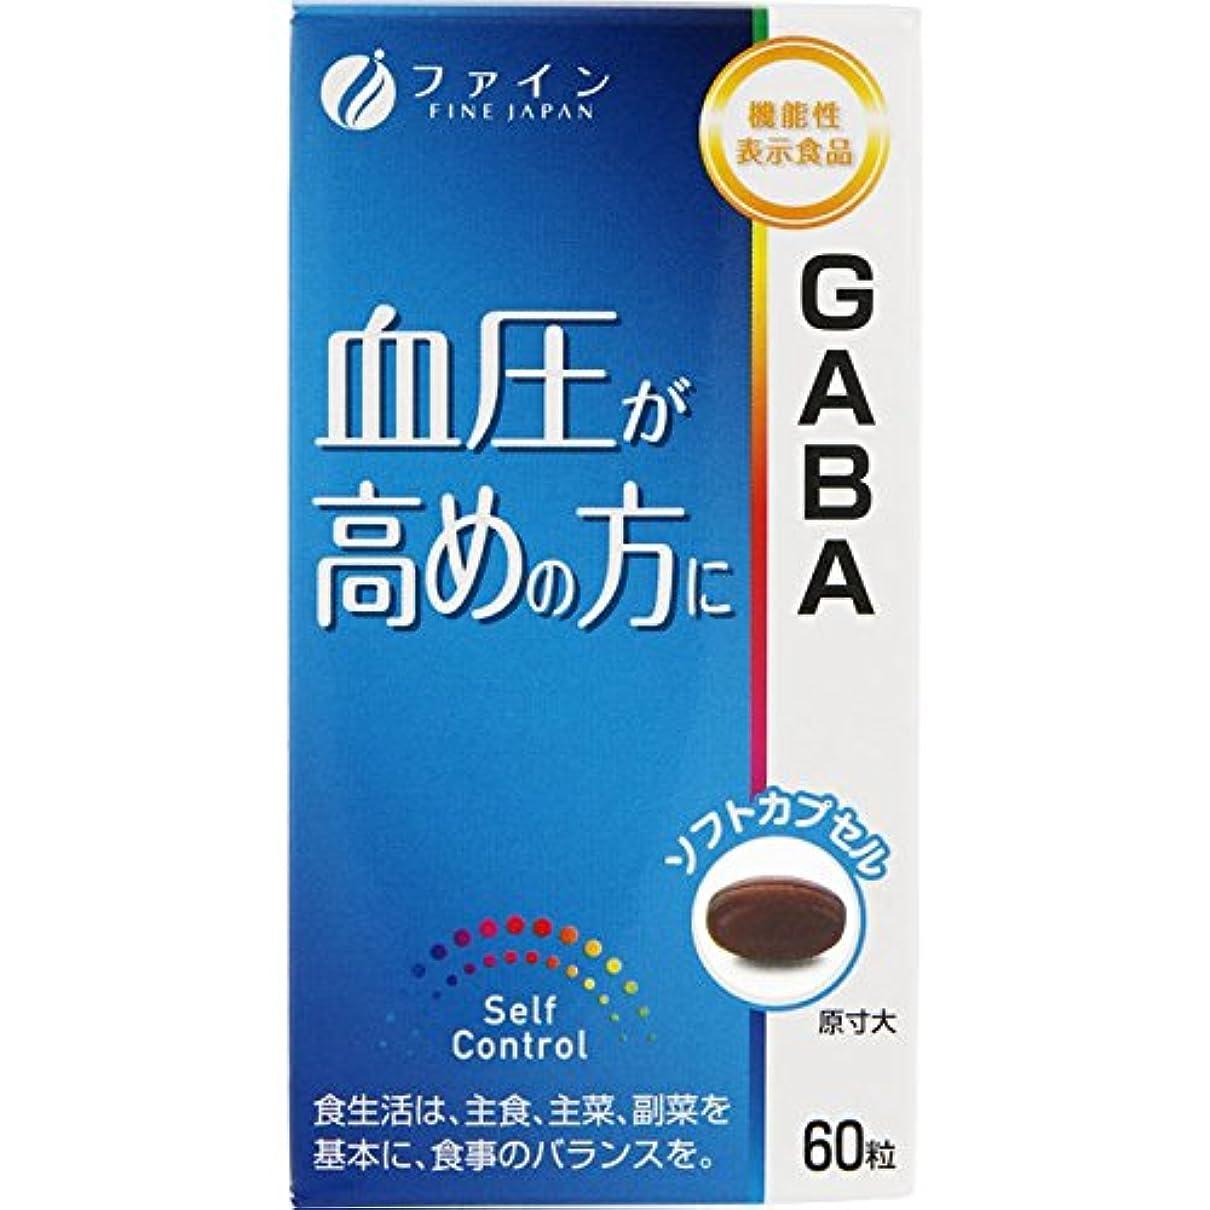 振る音声学スープファイン 機能性表示食品 GABA 27g(450mg×60粒)